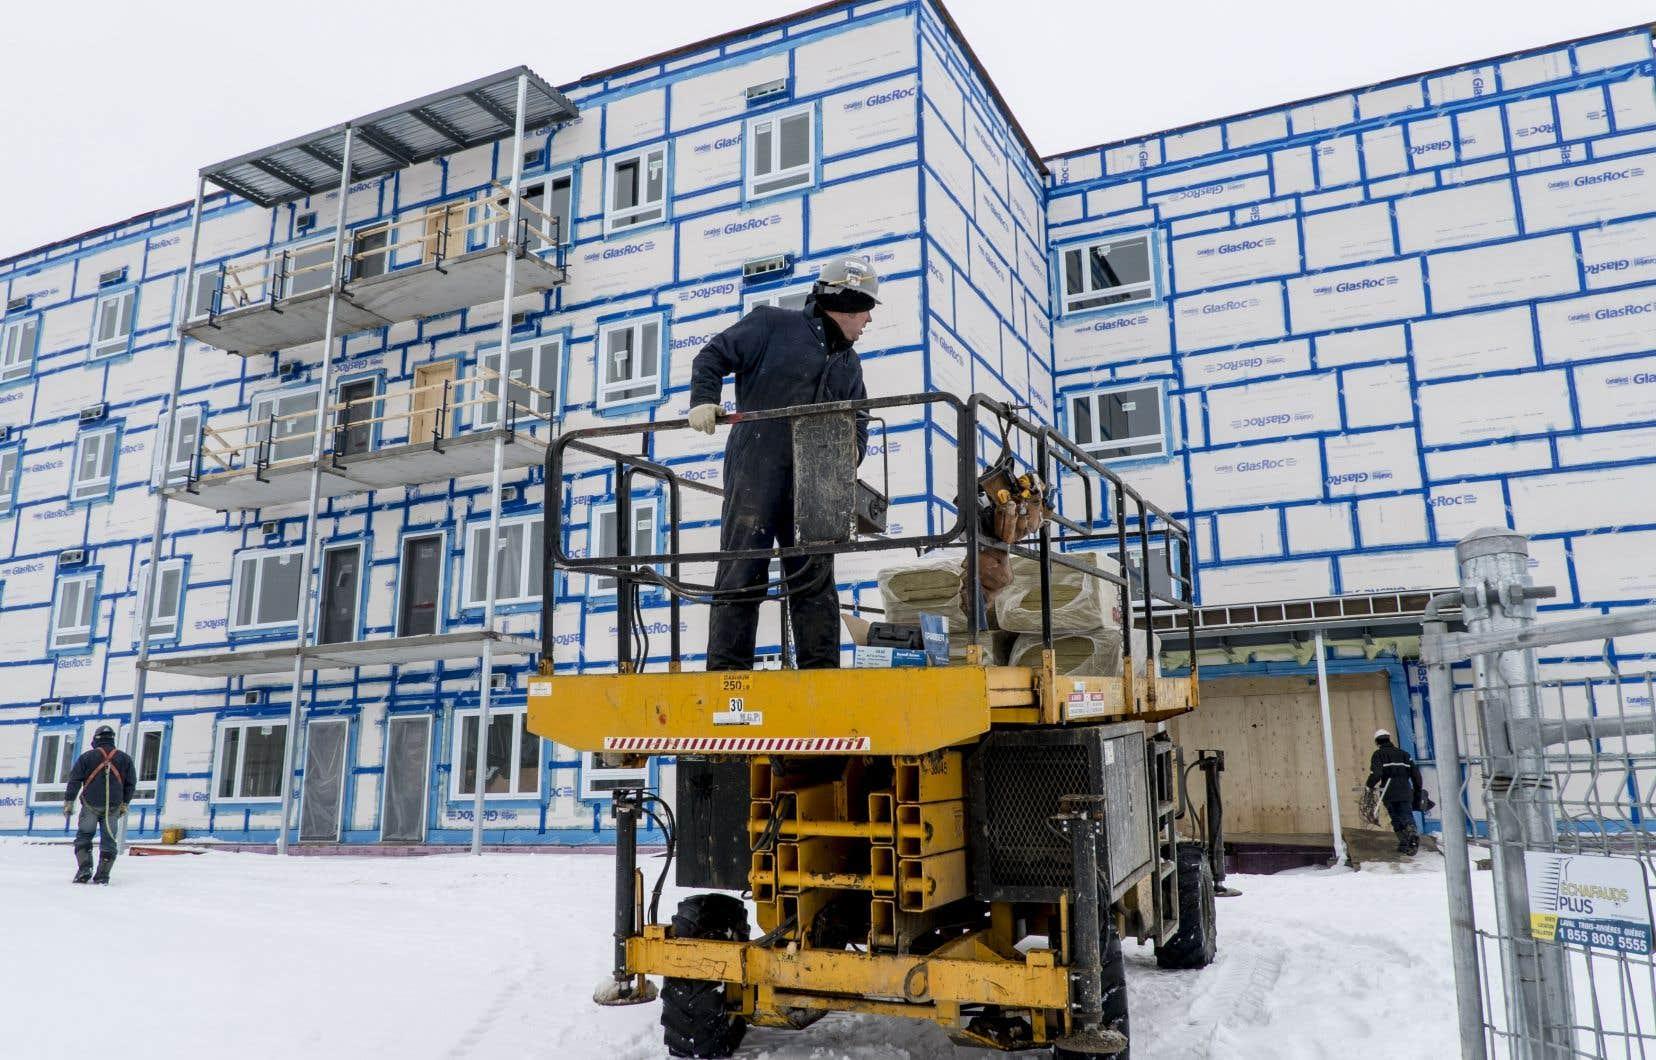 La ministre de l'Habitation croit pouvoir régler sous peu le financement de 7000 logements sociaux.